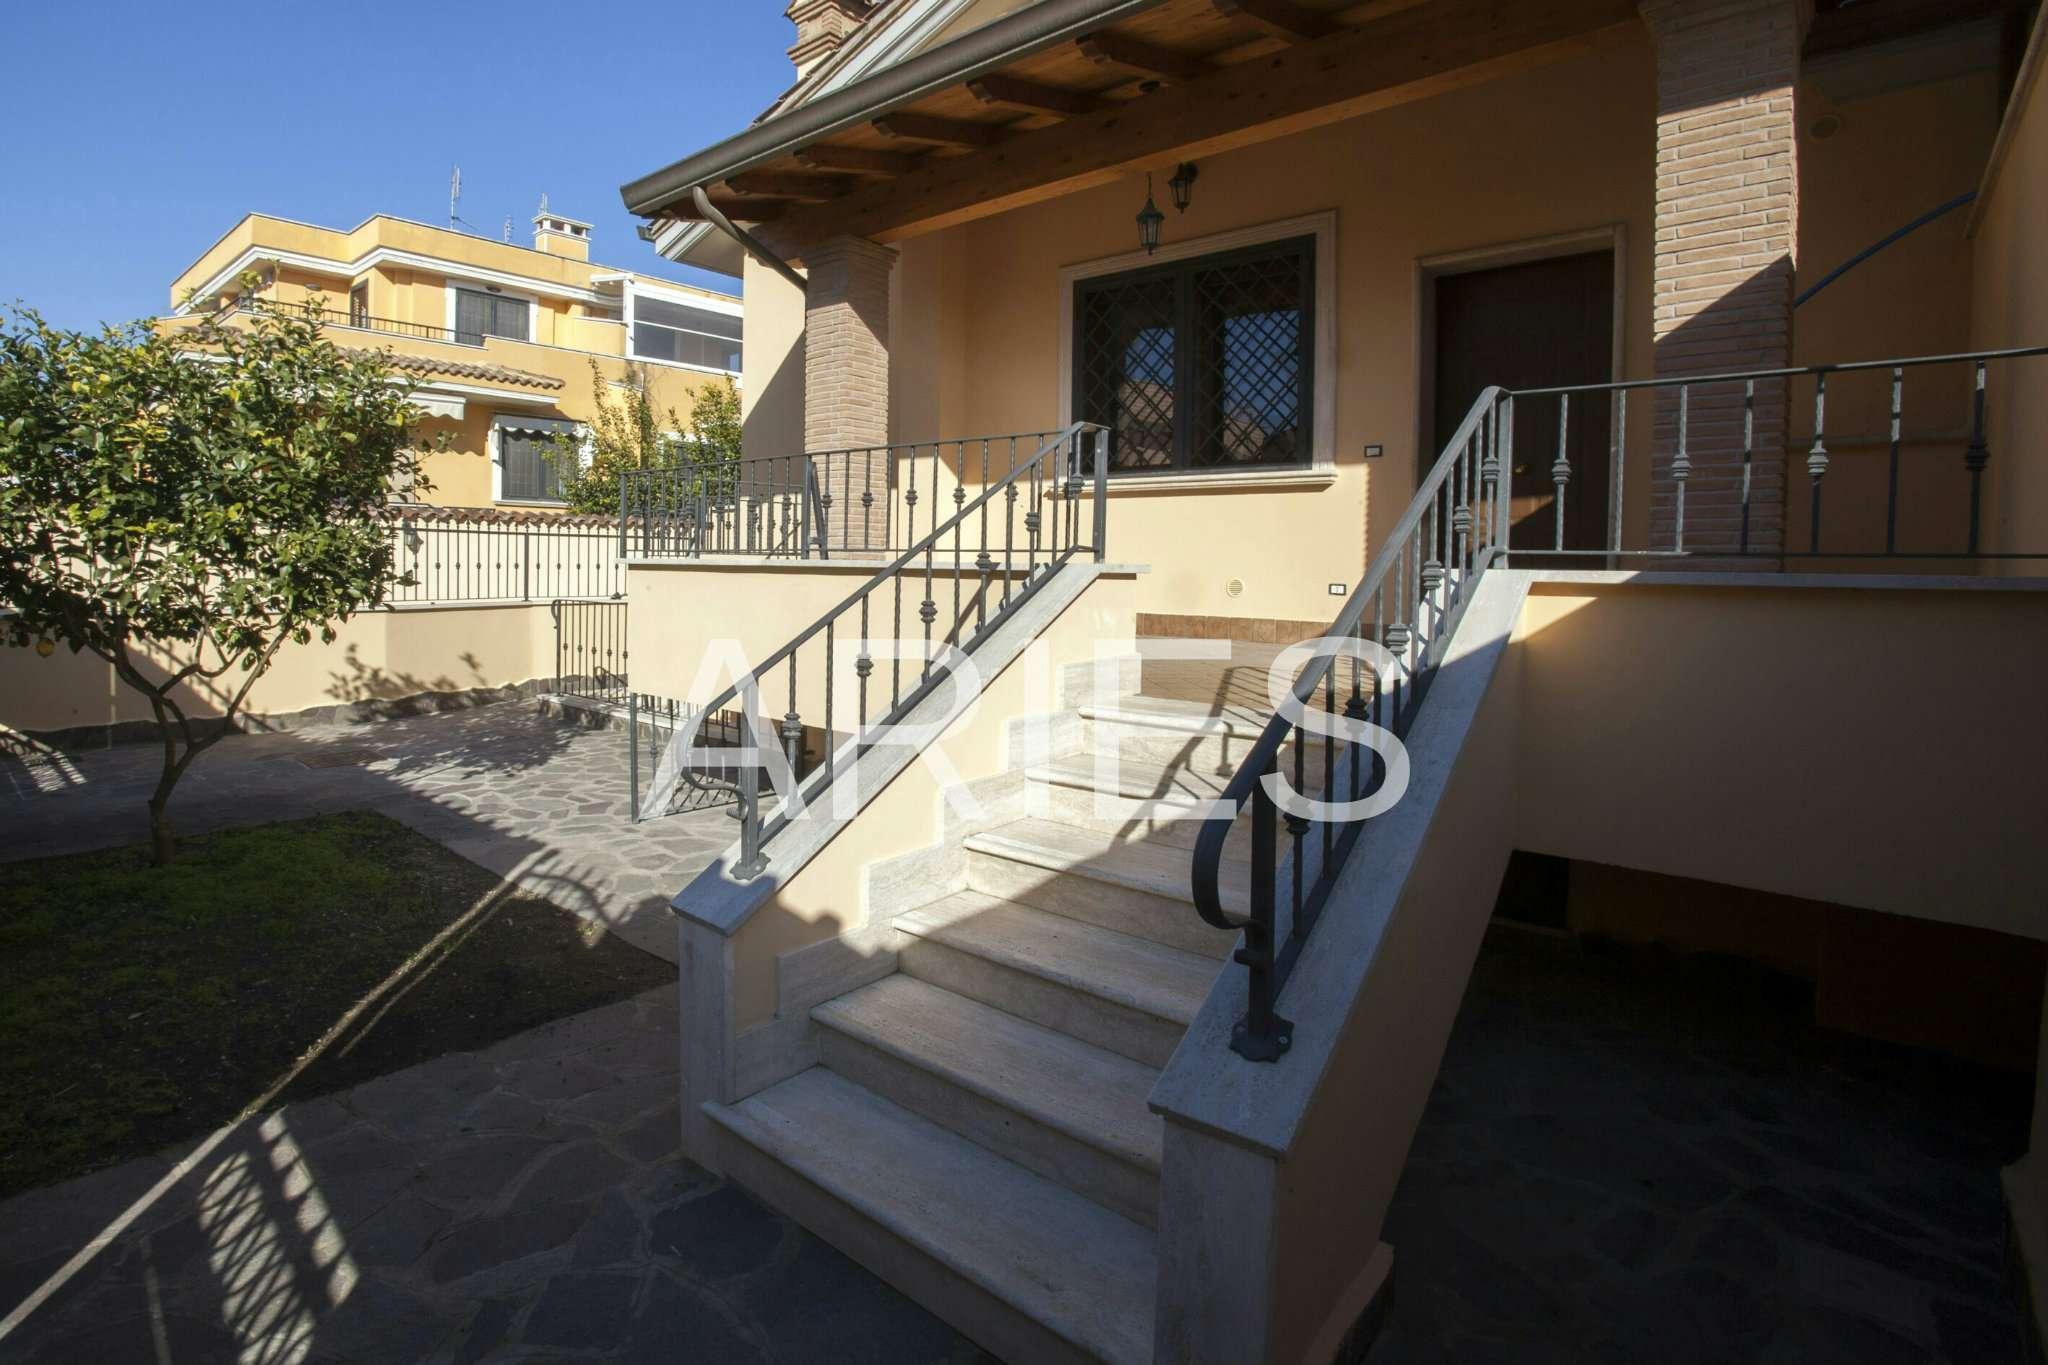 Villa Tri-Quadrifamiliare in vendita a Roma, 6 locali, zona Zona: 38 . Acilia, Vitinia, Infernetto, Axa, Casal Palocco, Madonnetta, prezzo € 250.000   CambioCasa.it